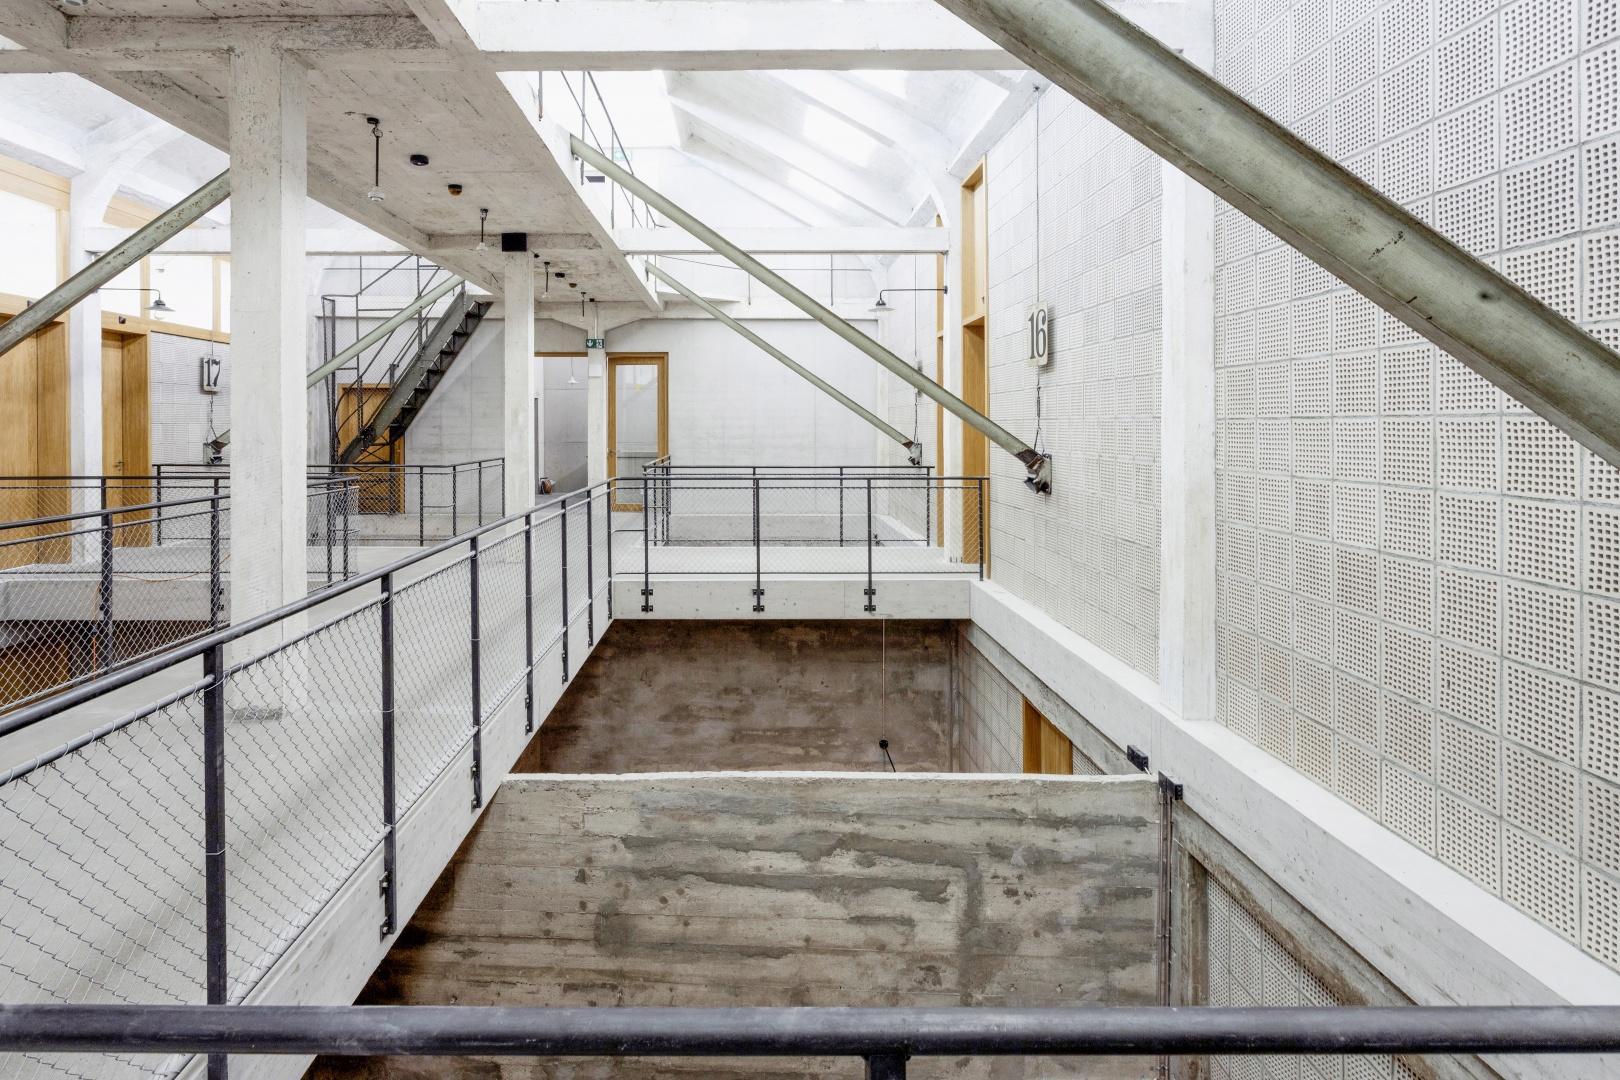 Die Mittelzone des Gebäudes wird von Licht durchströmt. Brücken führen über leere Silokammern in die Hostelzimmer oder Ateliers. © Lukas Schwabenbauer